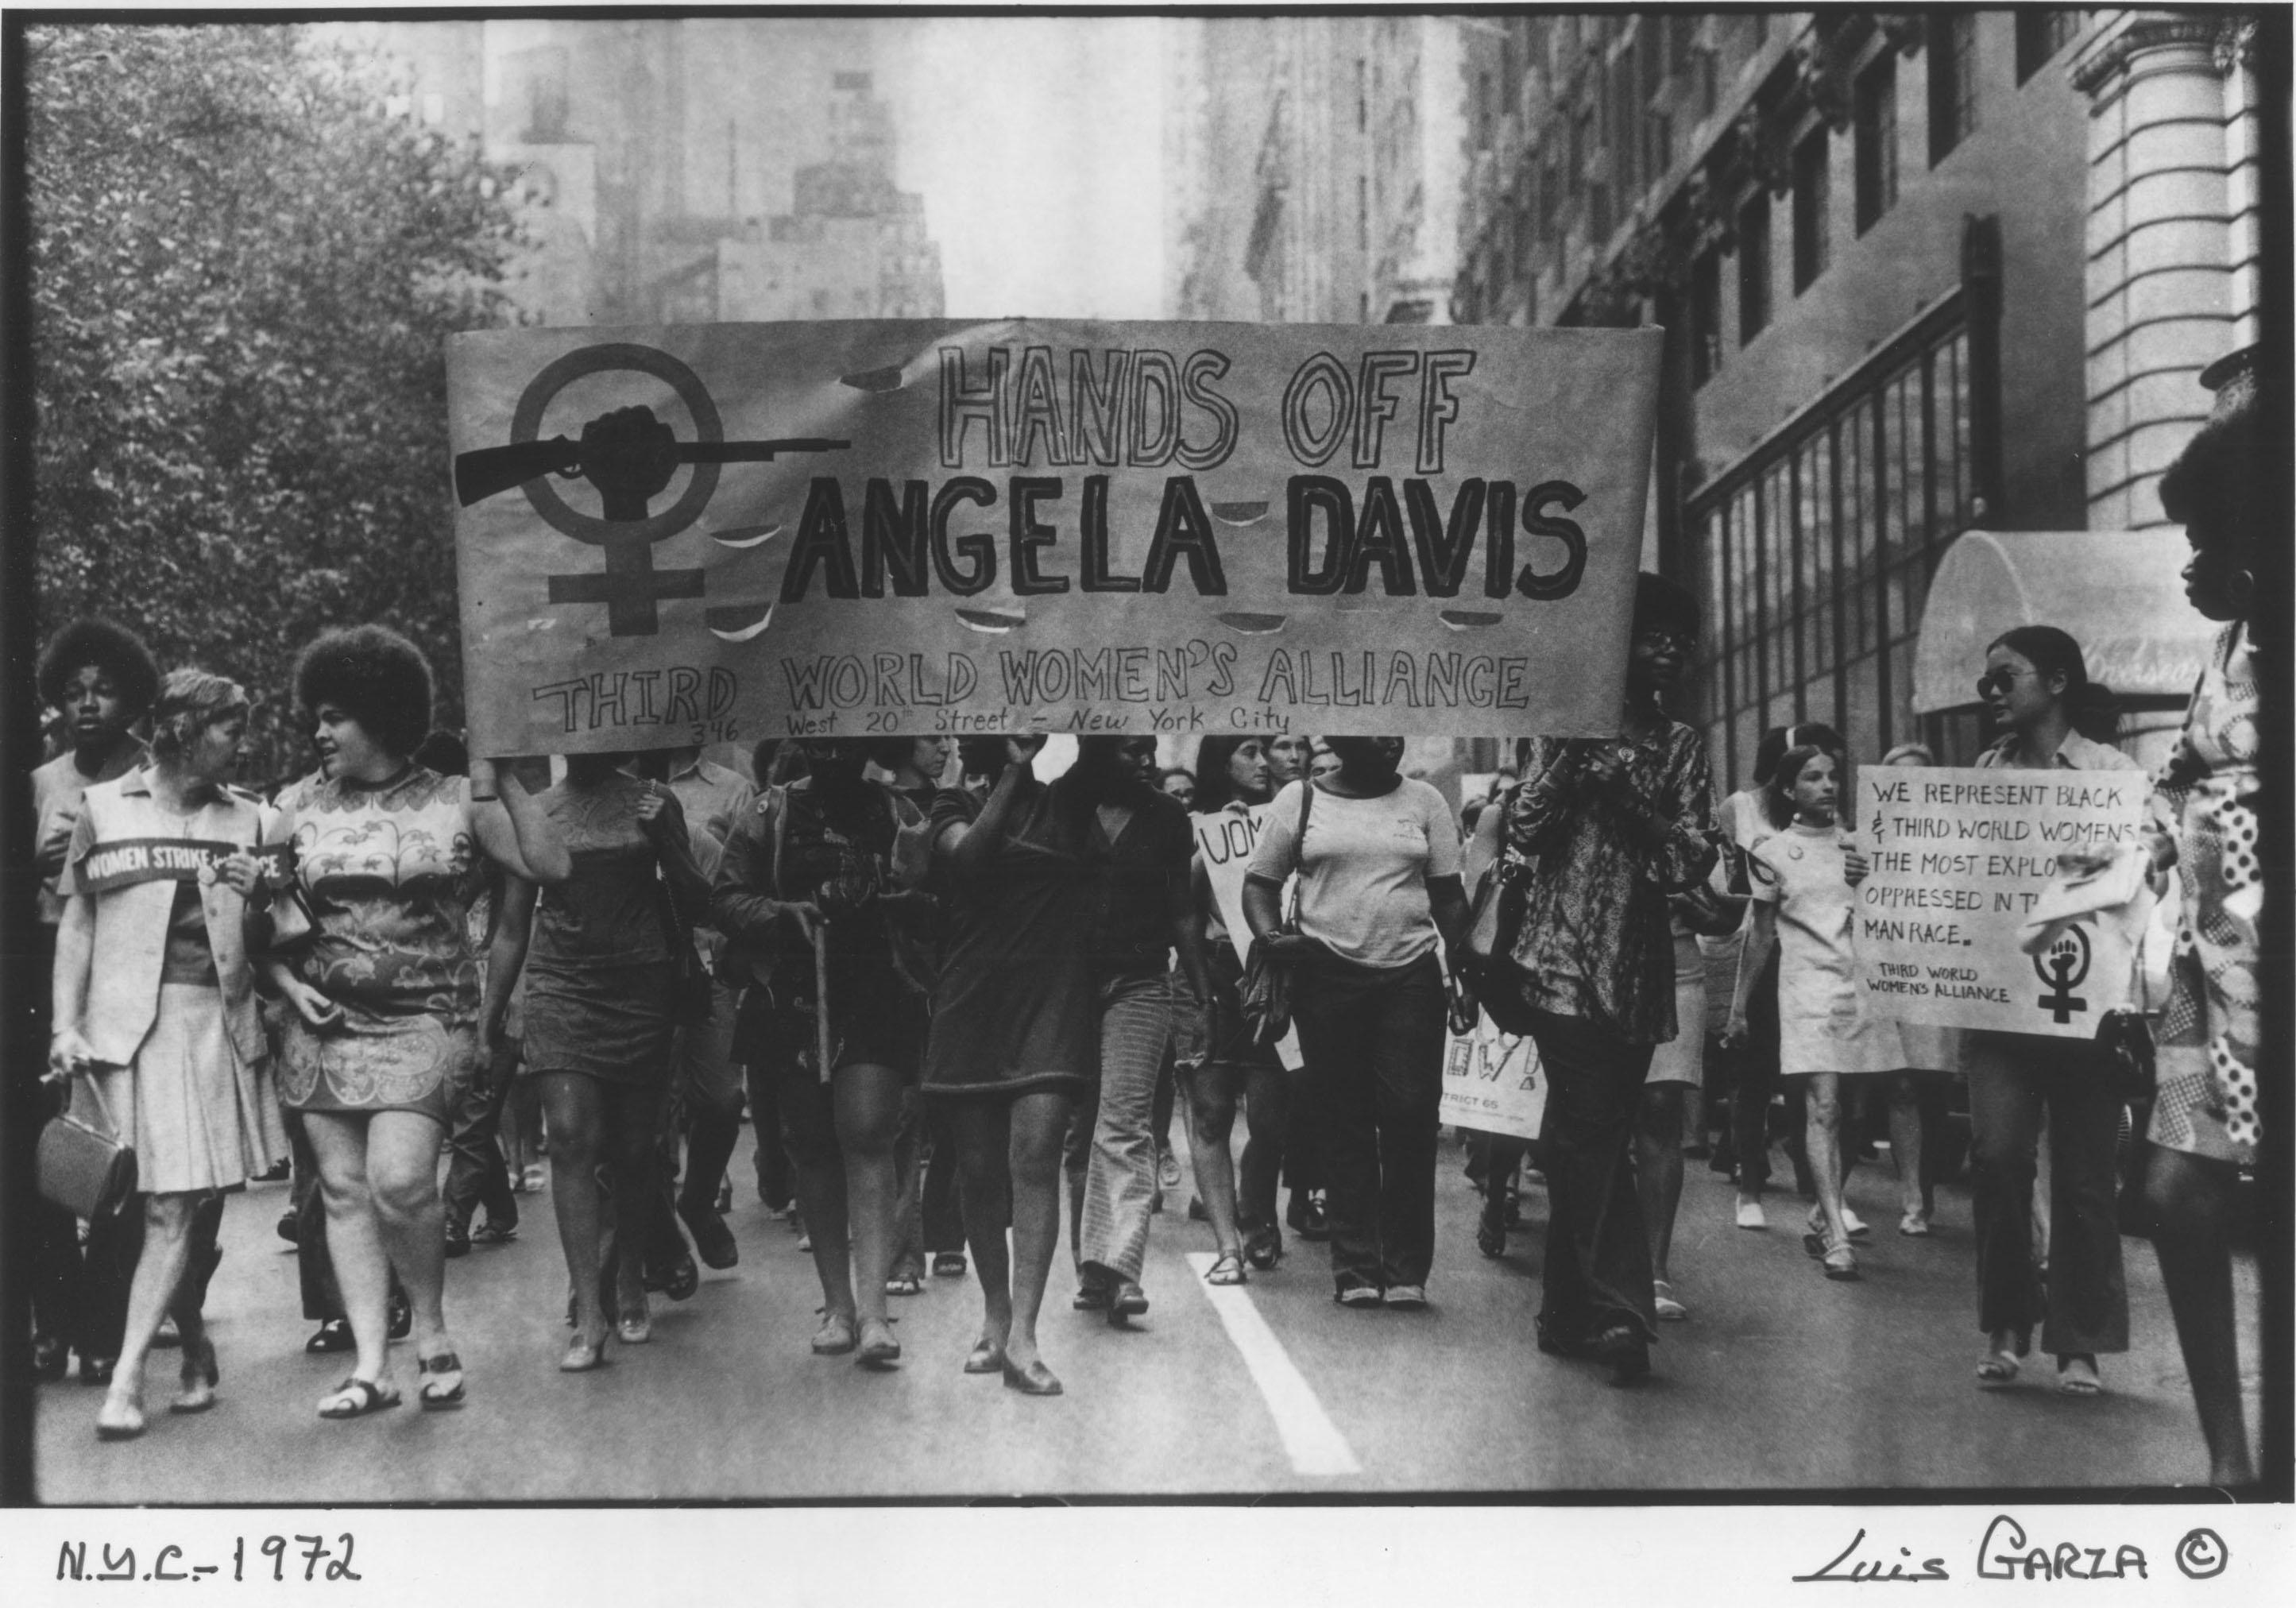 Manifestation pour la libération d'Angela Davis, photographie de Luis Garza, New-York, 1972